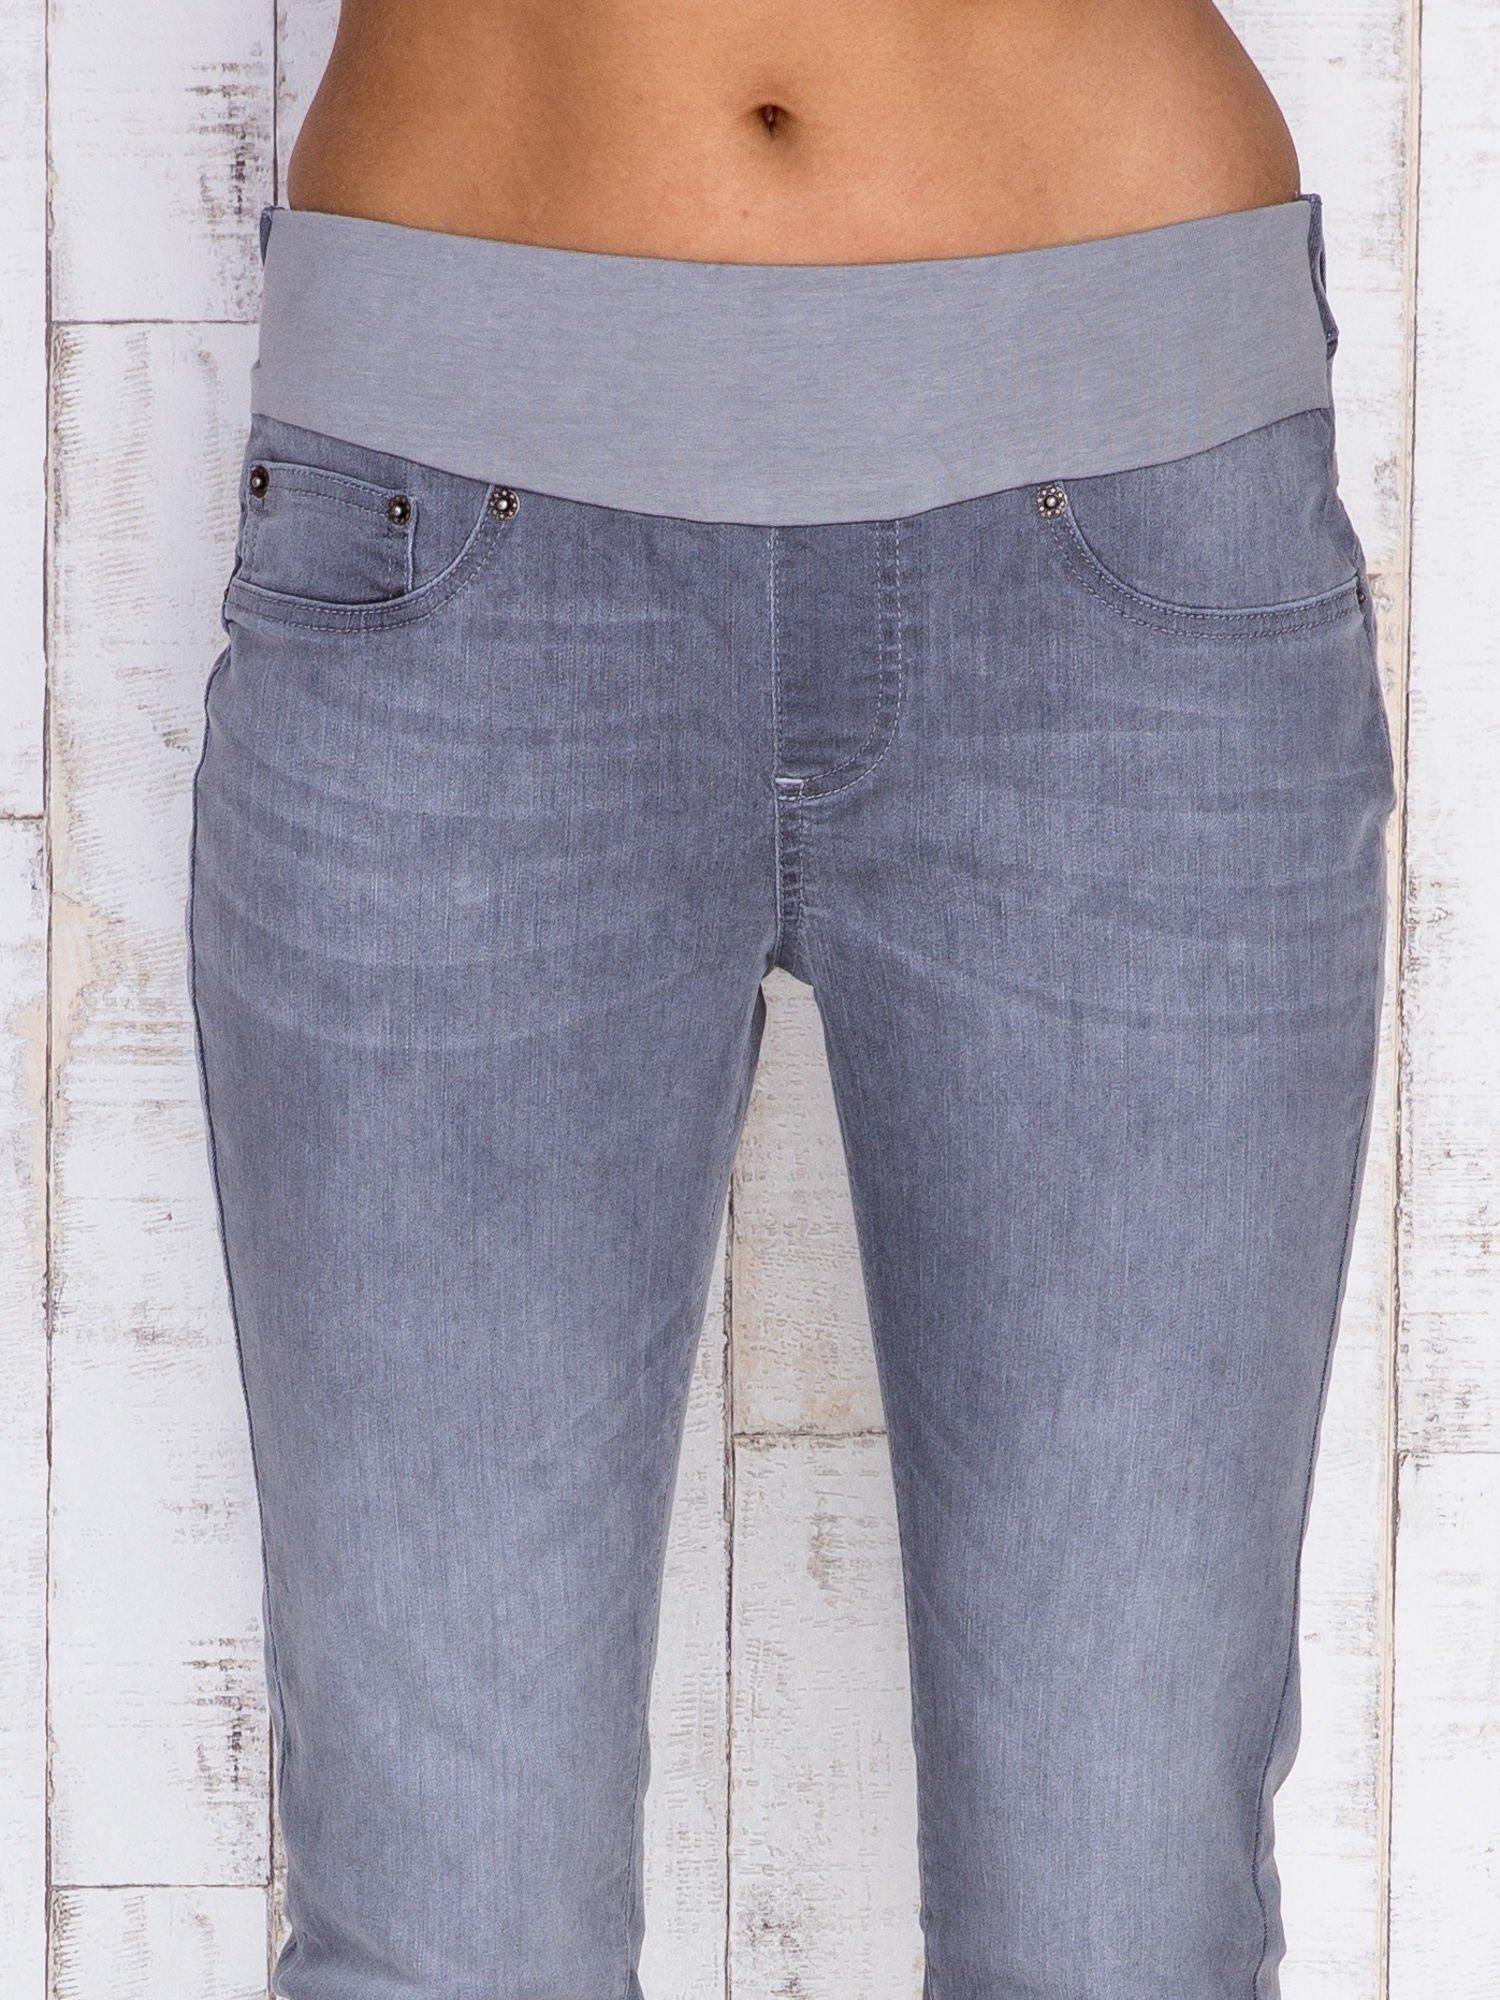 Szare jeansowe spodnie z przetarciami i na gumkę w pasie                                  zdj.                                  4